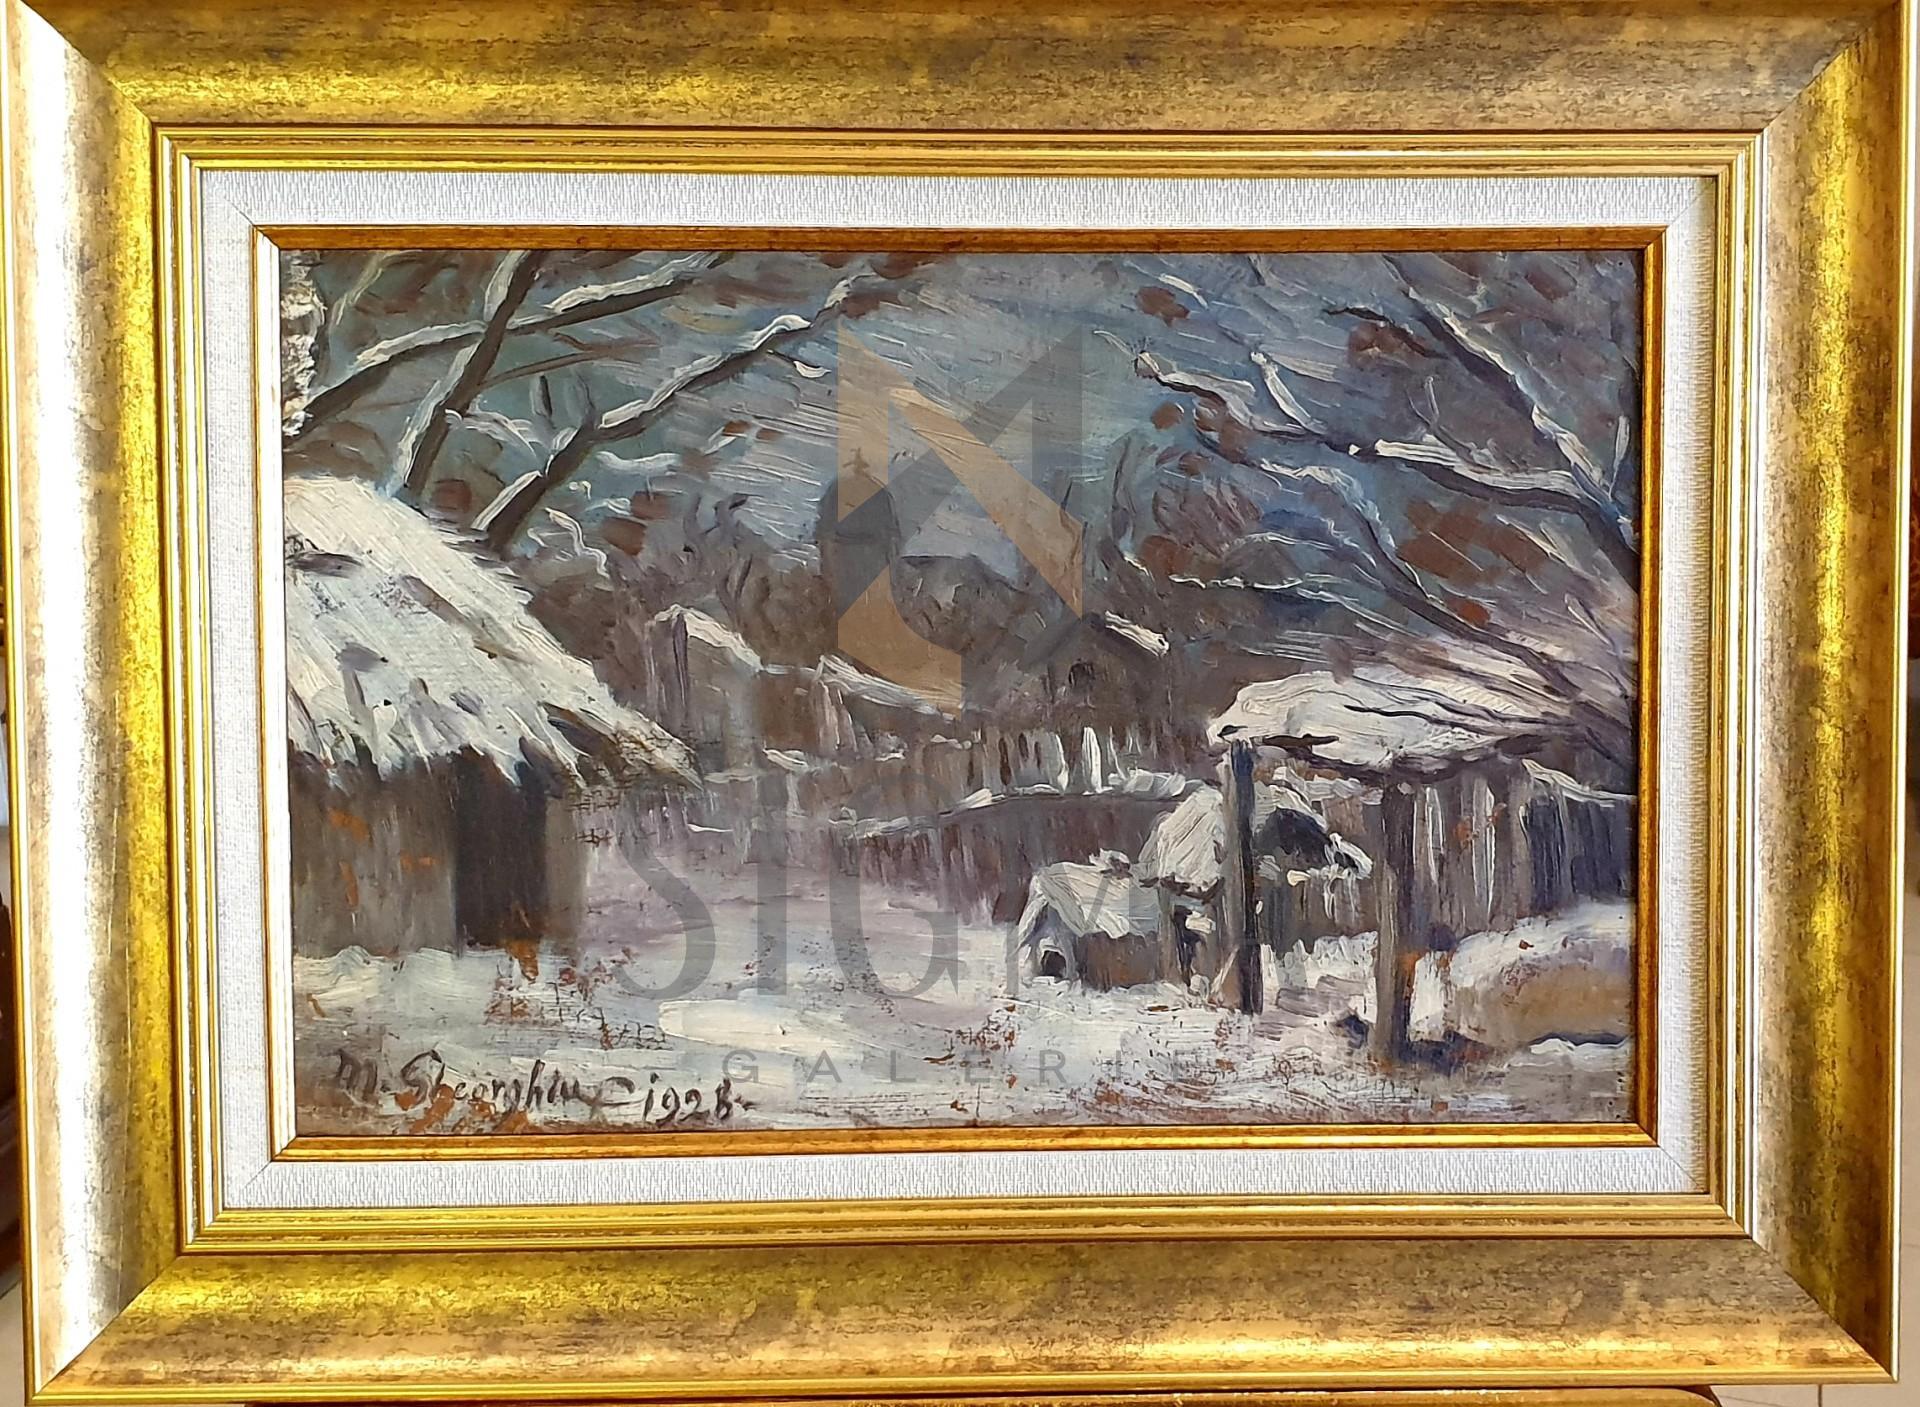 """Tablou, M. Gheorghiu, """"Iarna"""" ulei pe carton datat 1928, dim: 30x45 cm"""